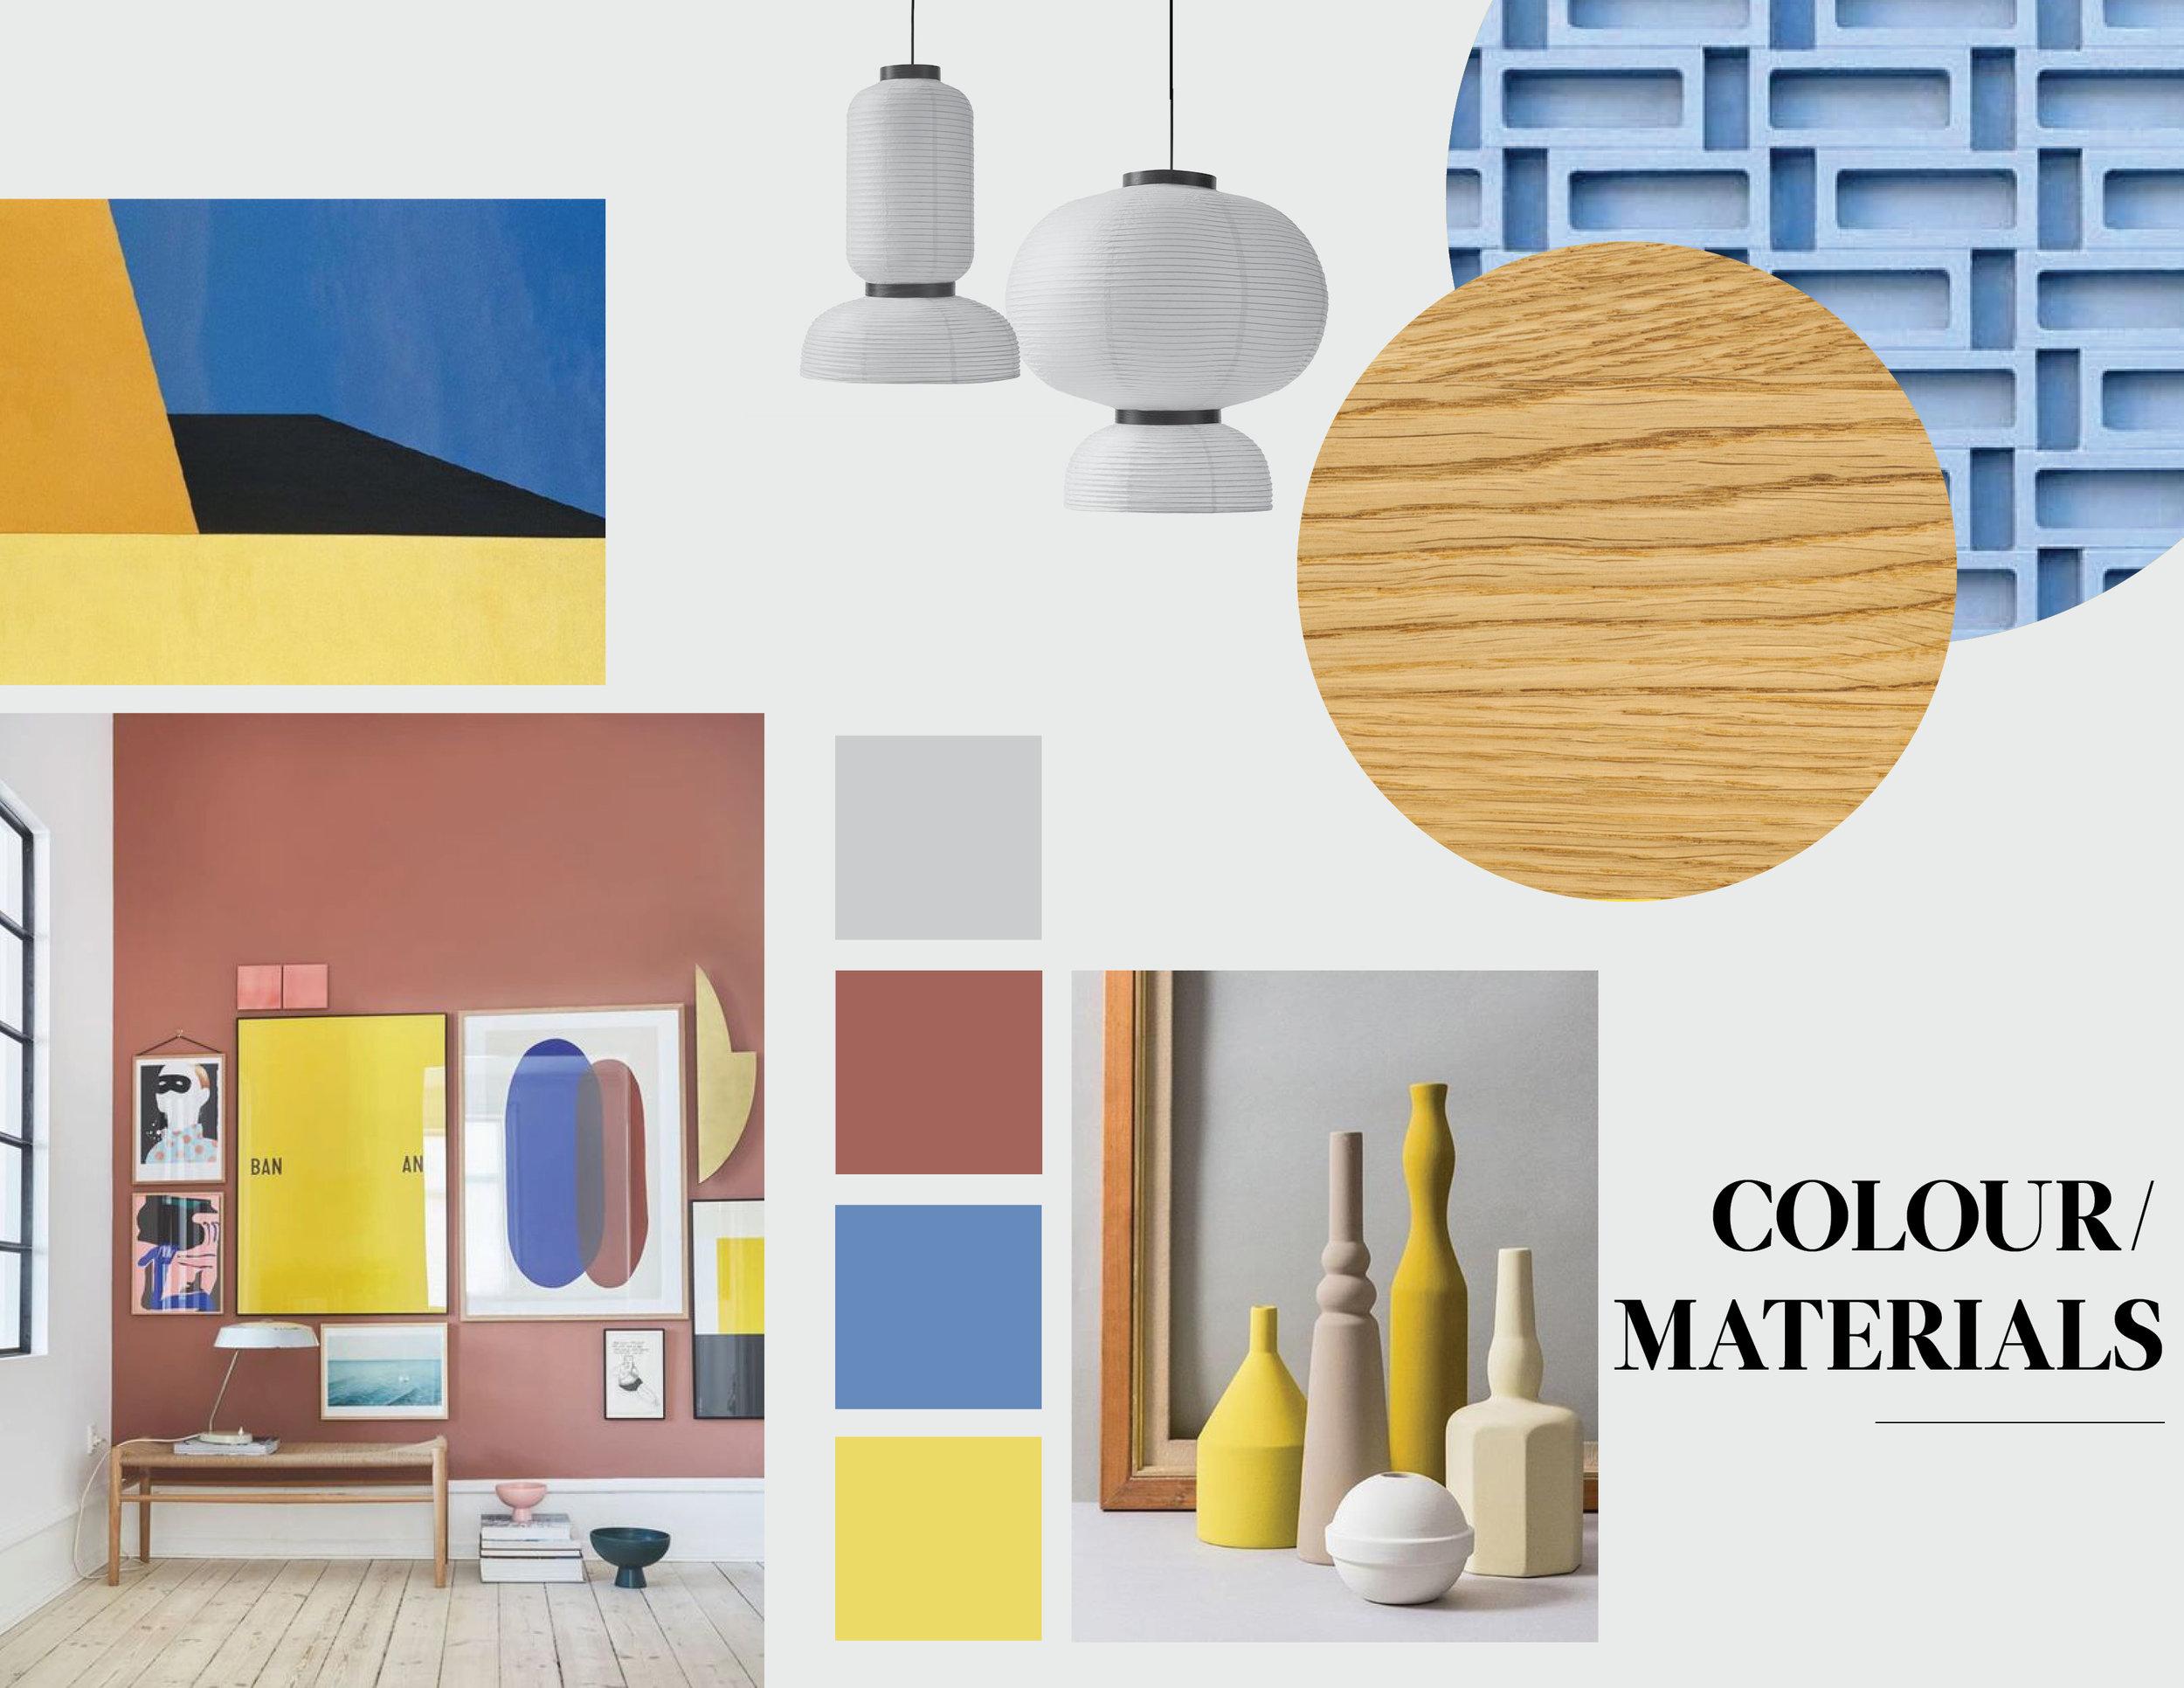 Private Home Styling - Die Wohnung und die Möbel hast du schon, beides gefällt dir ziemlich gut. Was fehlt ist die persönliche Note, ein roter Faden? Mit minimalen Eingriffen & Ergänzungen von Möbeln oder Accessoires können wir Maximales erreichen.o Kennenlerntermin (kostenlos)o Gestaltungskonzepto Farb- und Materialwelto Einkaufsliste